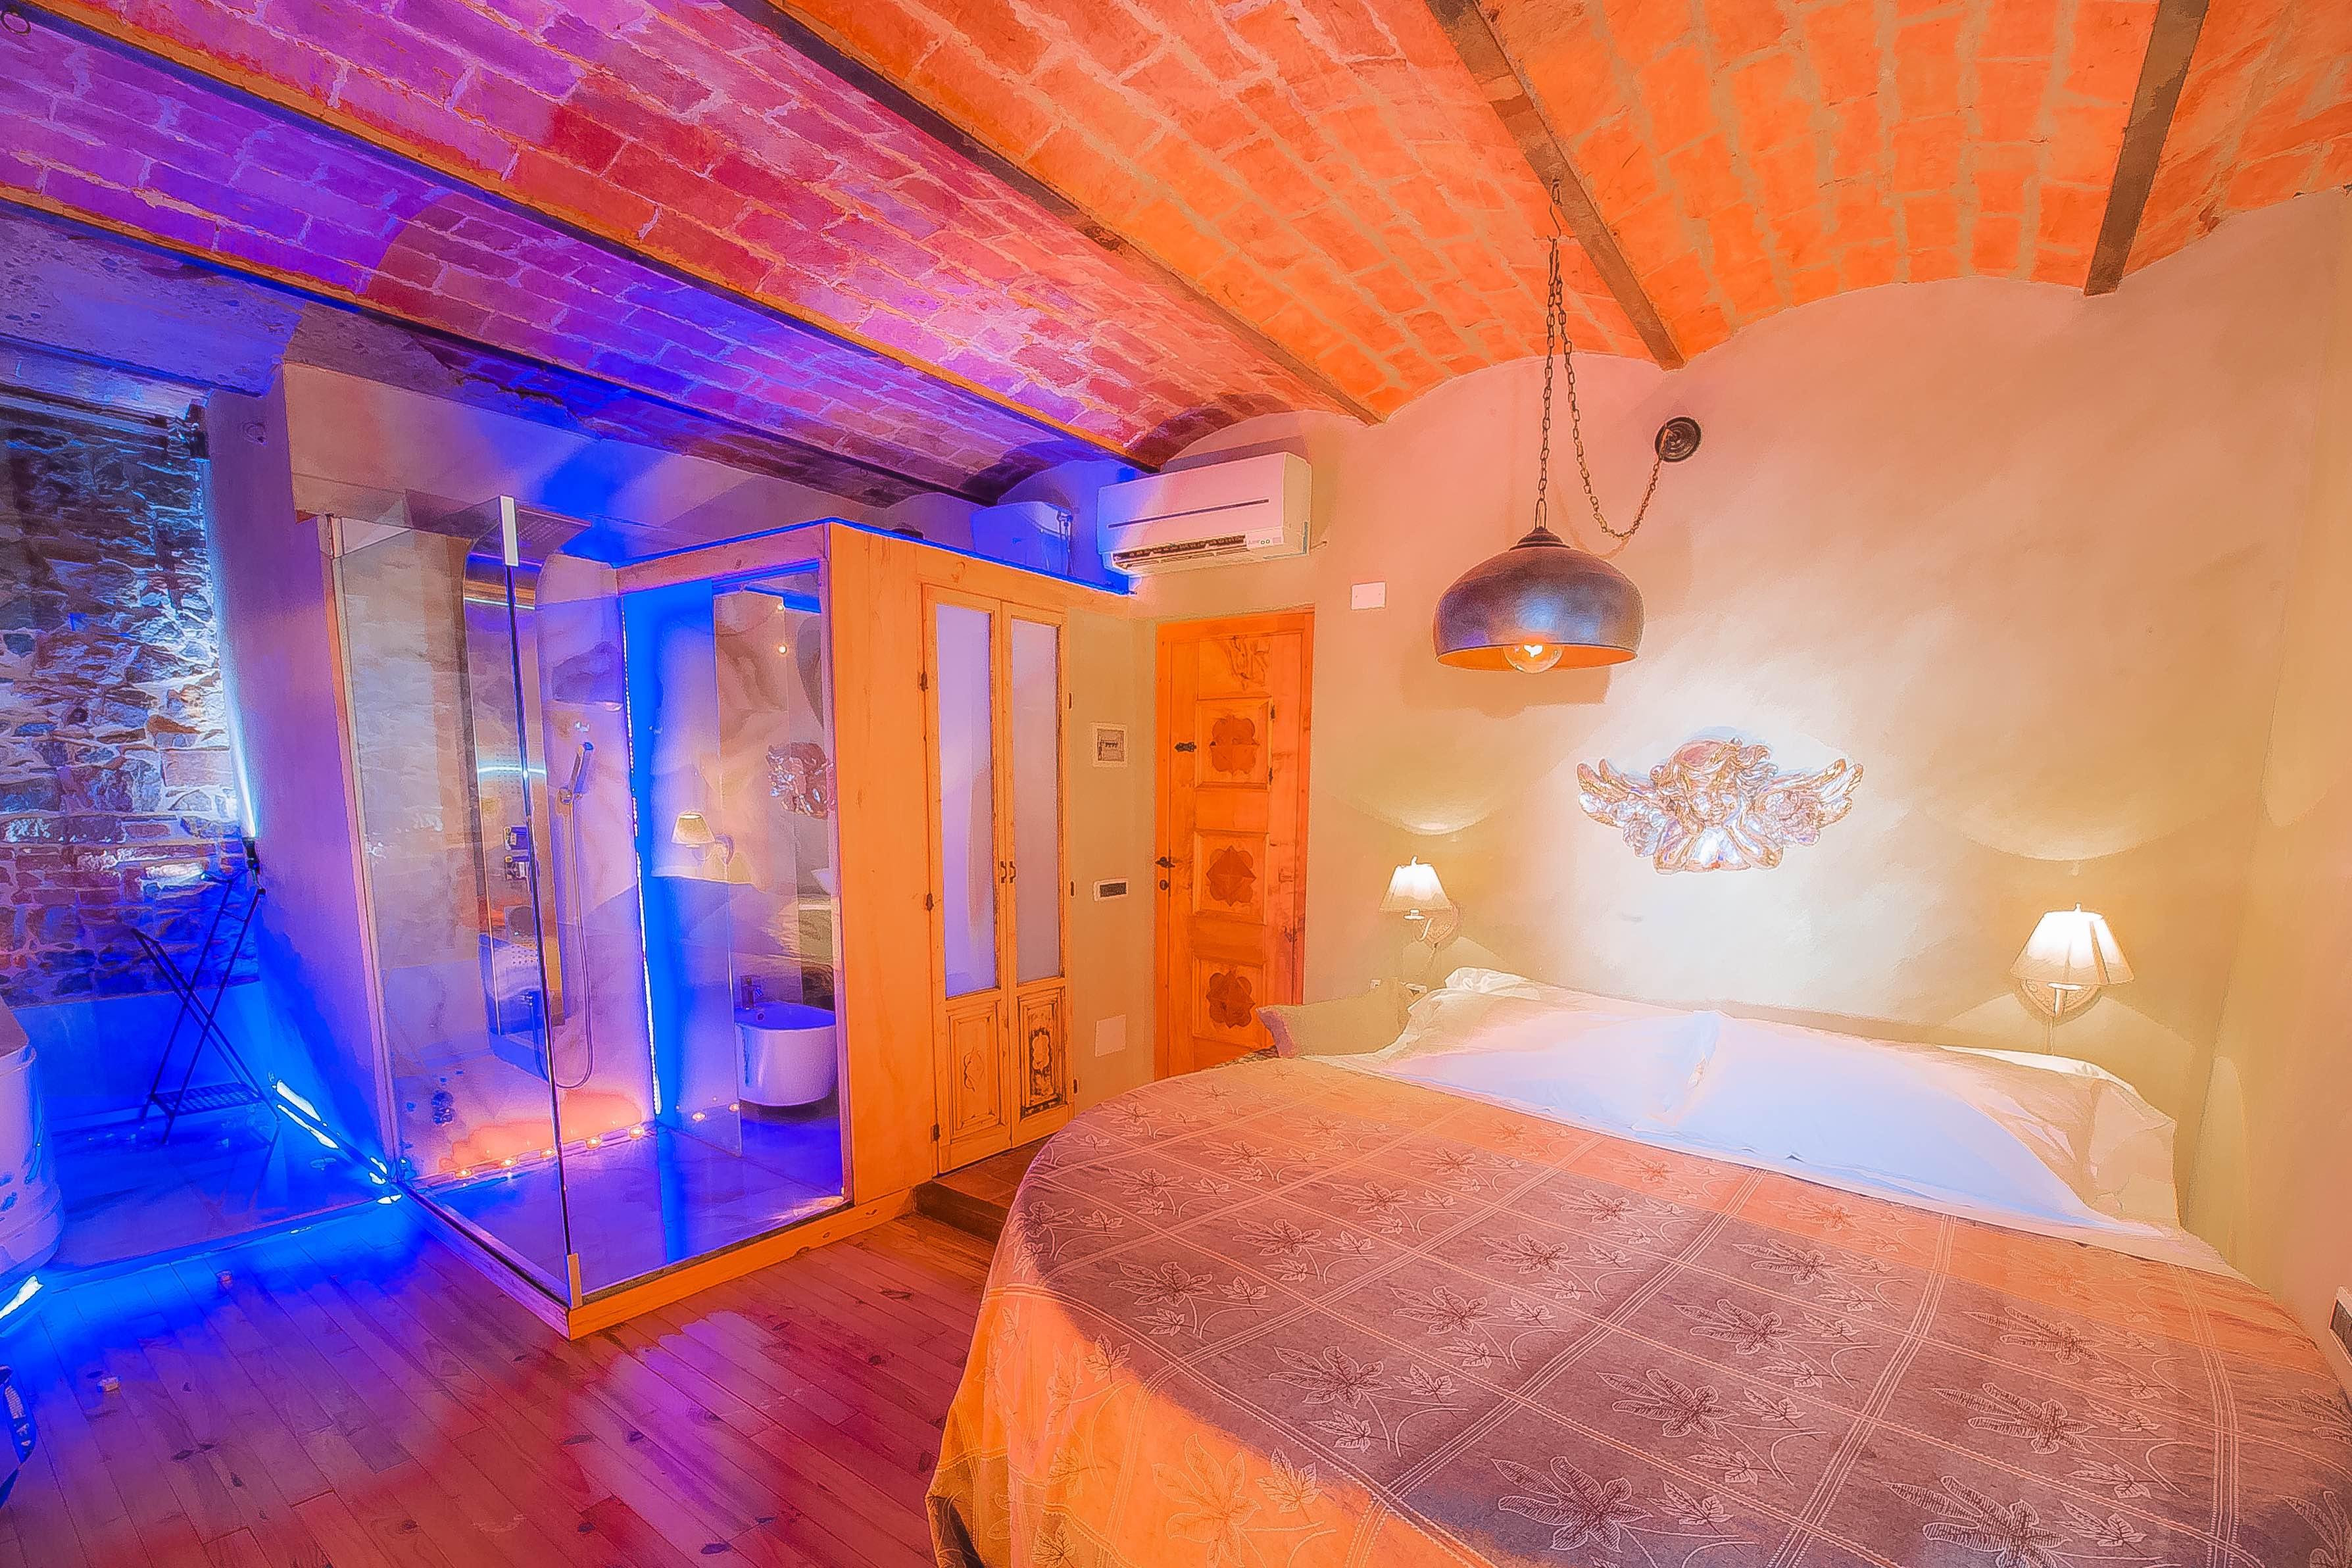 super cella letto e bagno design (1 di 1)-squashed